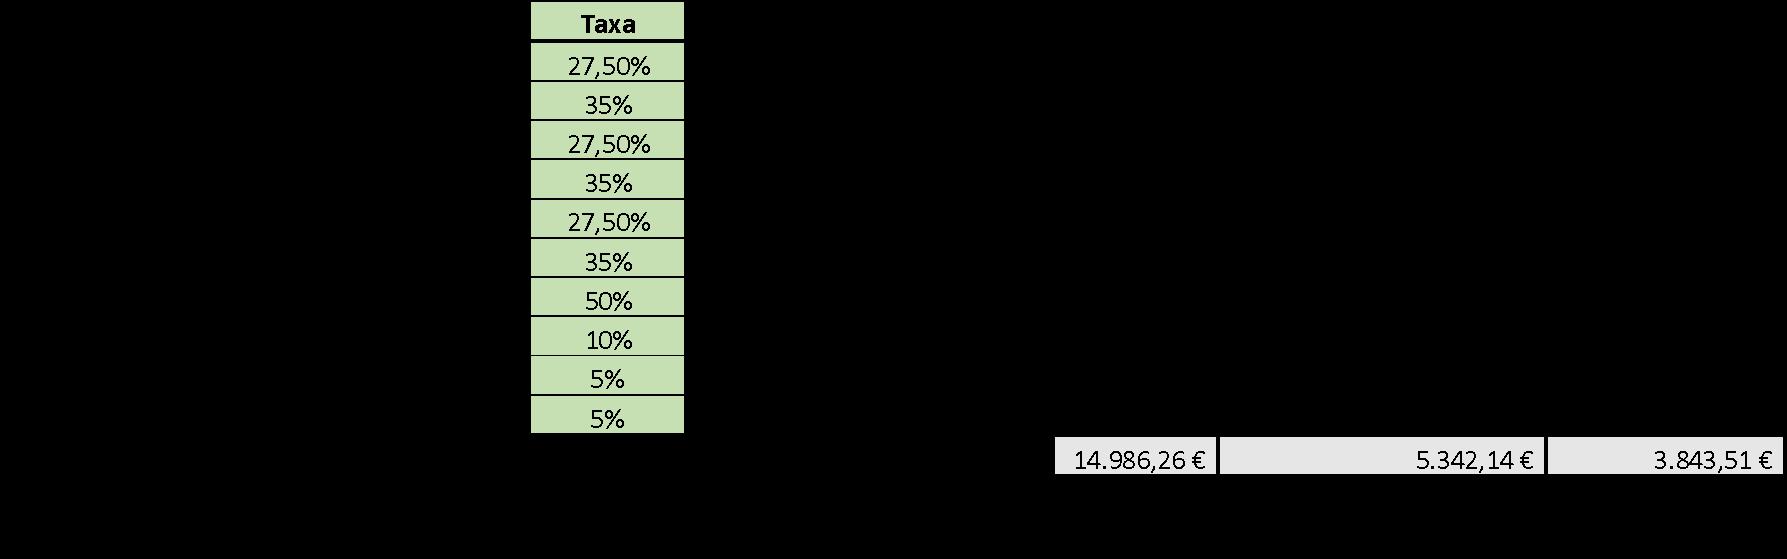 Tabela Tributação Autónoma